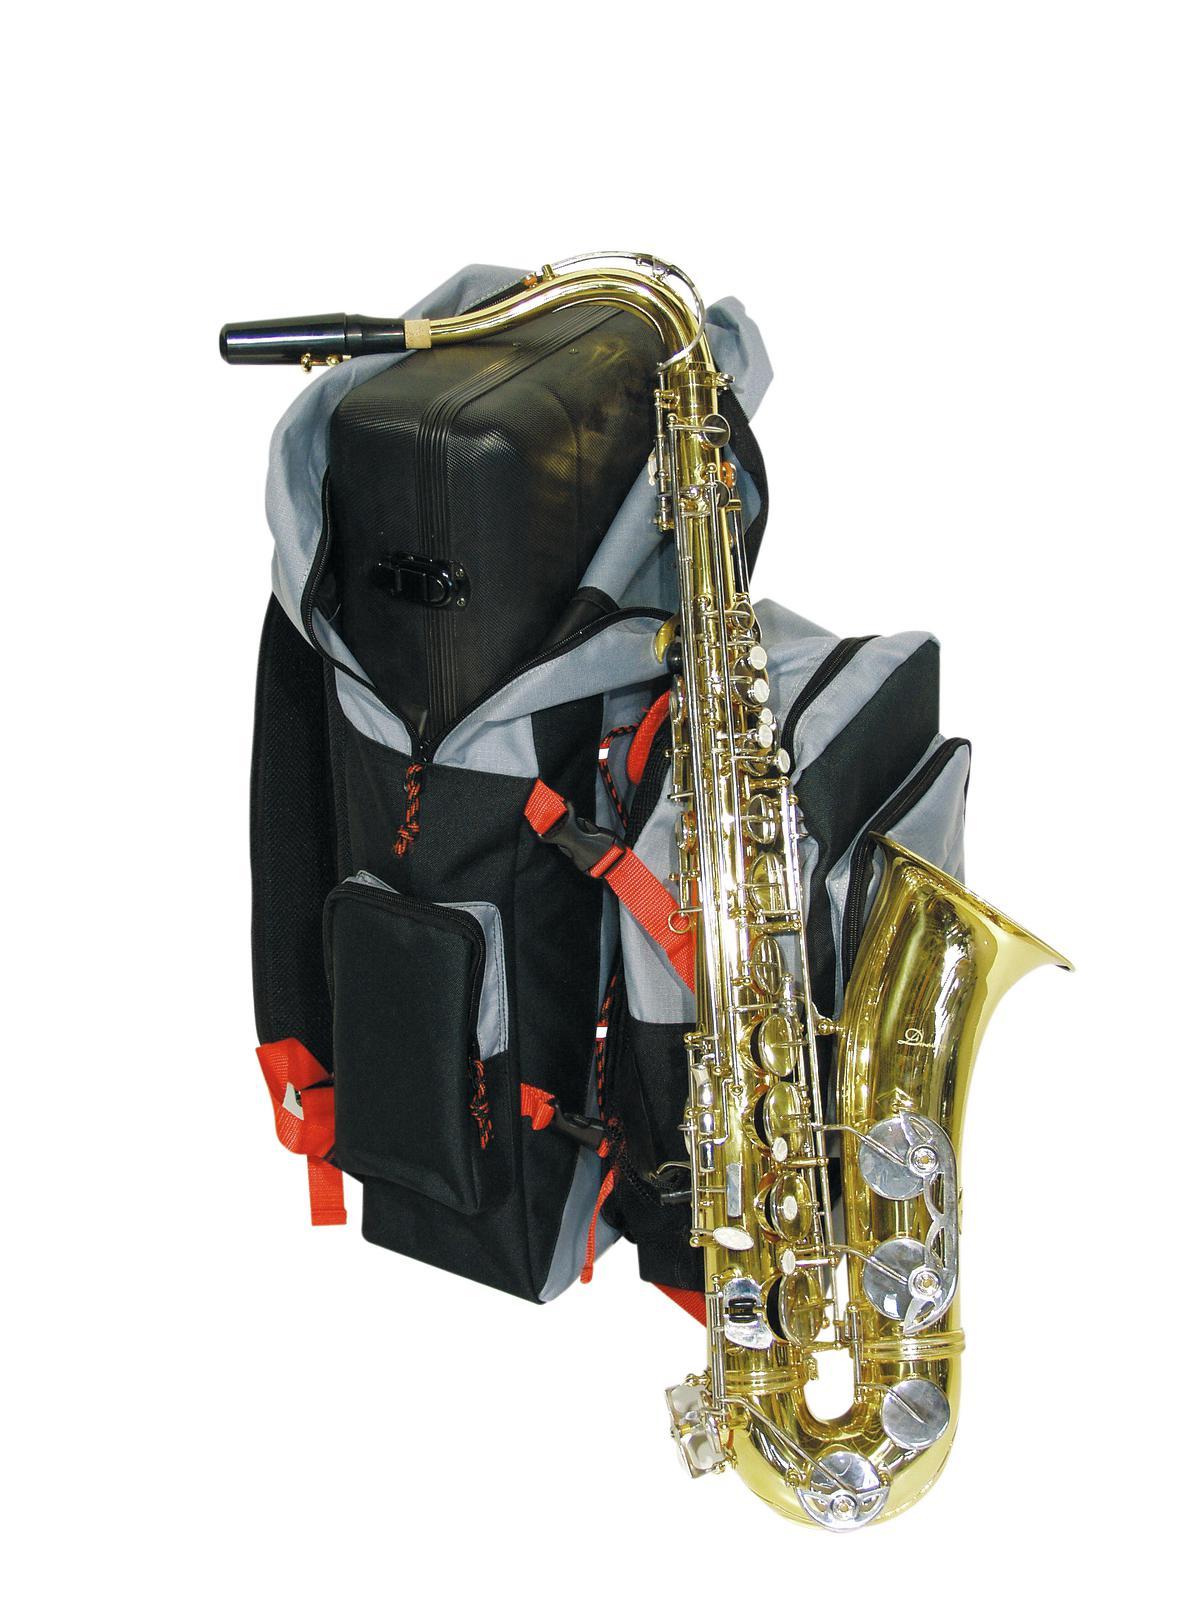 Speciale Zaino per Sassofono, nero antracite e rosso DIMAVERY